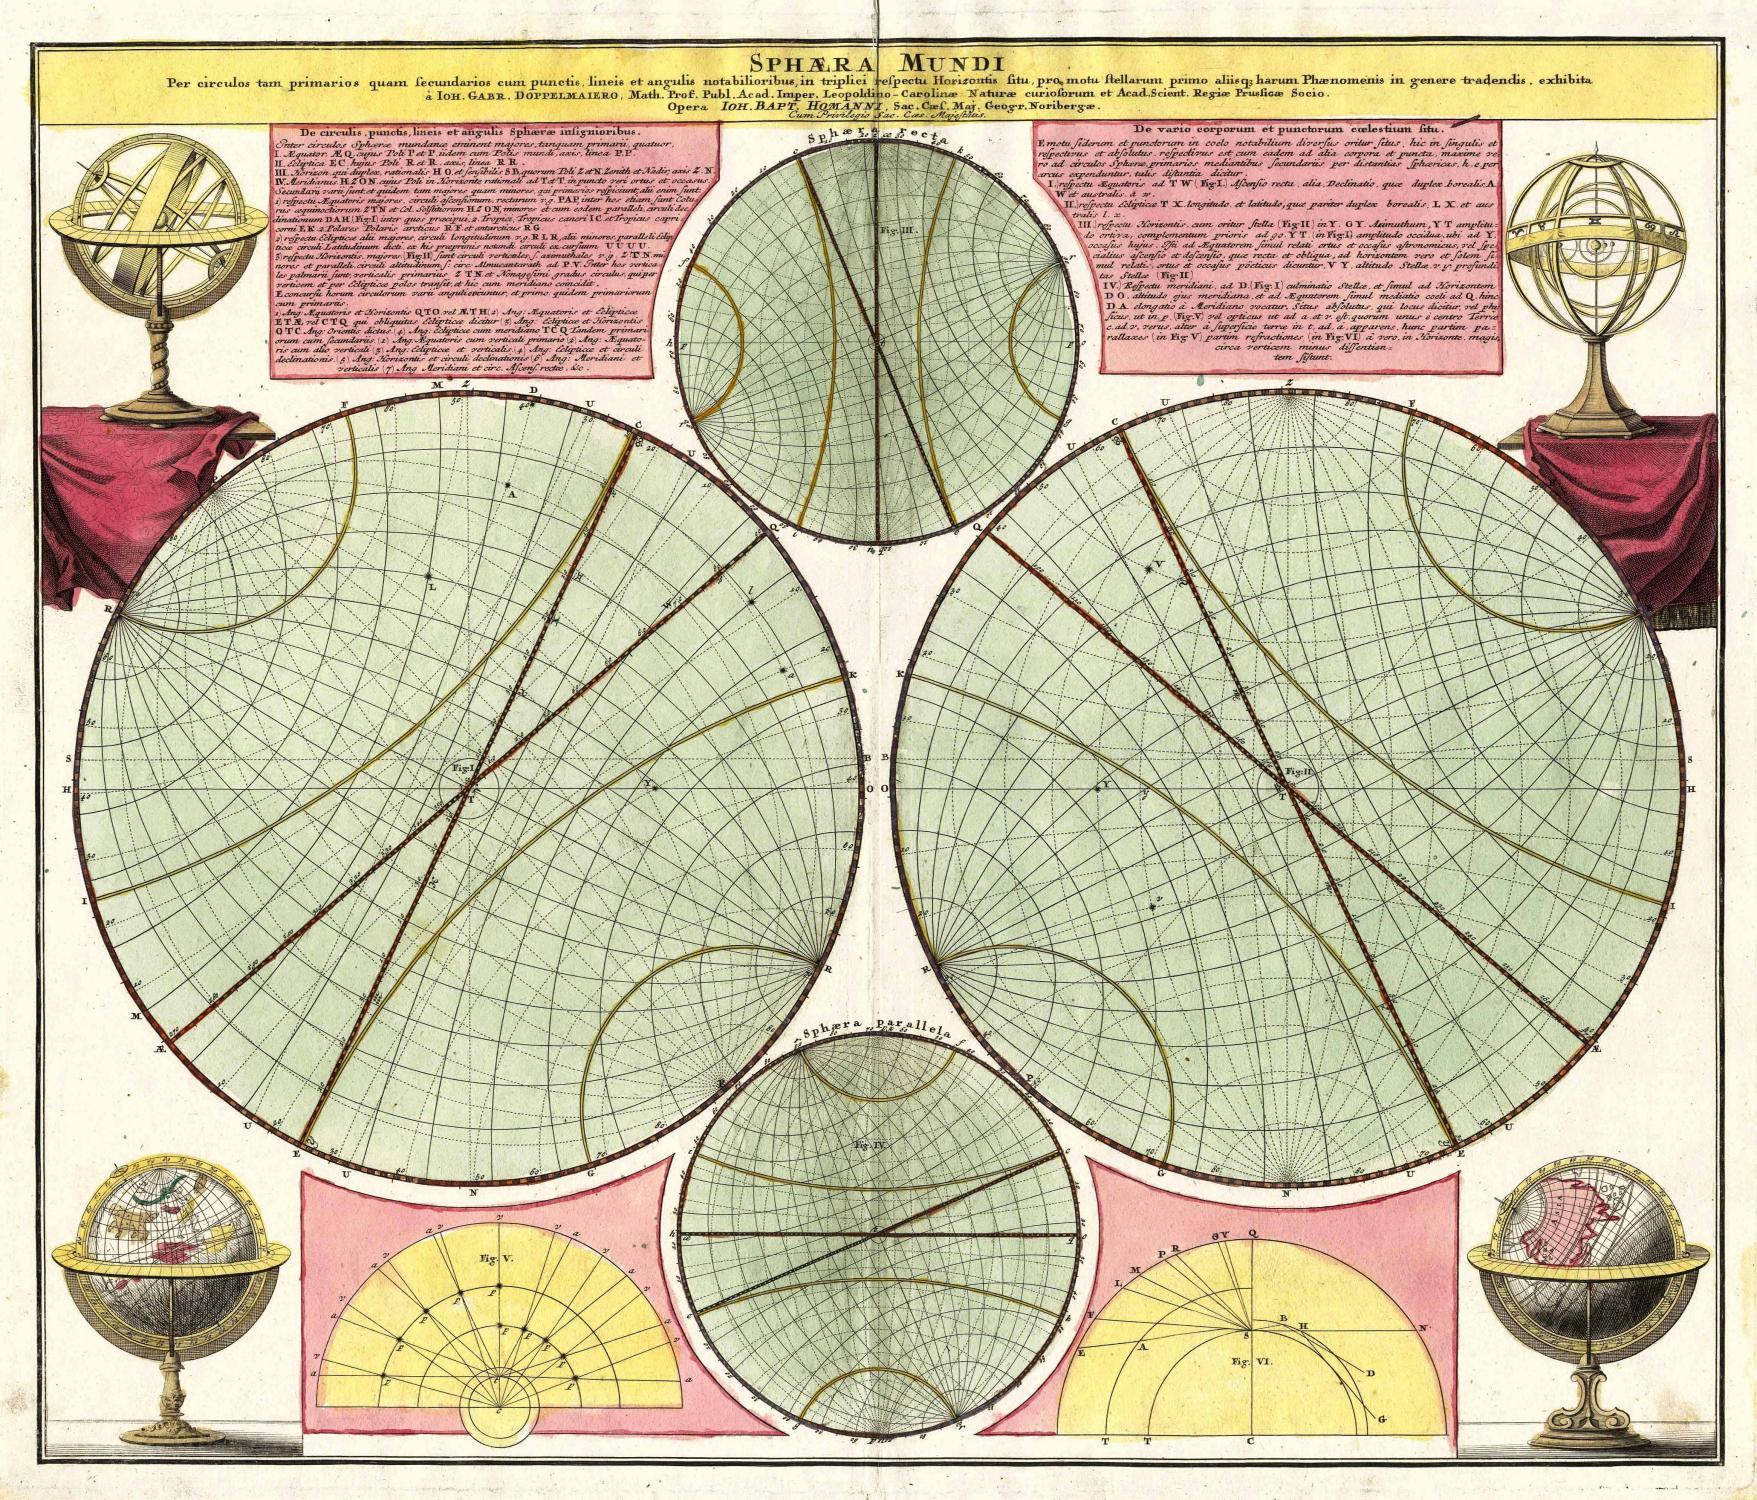 Sphaera Mundi Per circulos tam primarios quam secundarios cum punctis, lineis et angulis notabilioribus, in triplici respectu Horizontis situ, pro motu stellarum primo aliisq harum Phaenomenis in genere tradendis